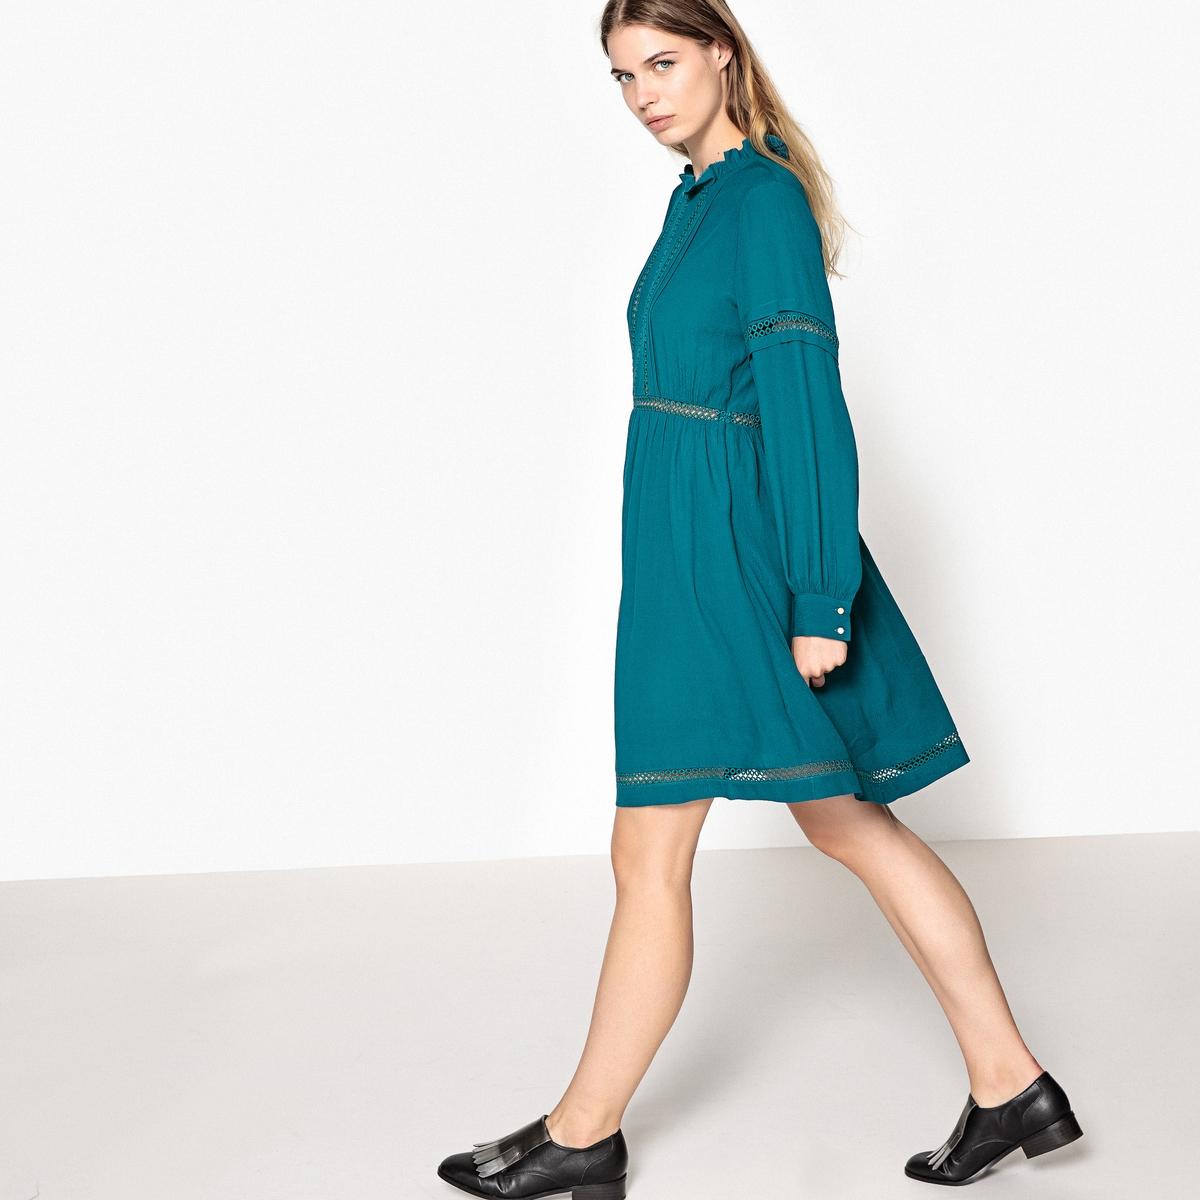 Платье однотонное короткого и расклешенного покроя с длинными рукавамиДетали •  Форма : расклешенная •  Укороченная модель •  Длинные рукава    •  Круглый вырезСостав и уход •  100% вискоза •  Подкладка  : 100% полиэстер •  Следуйте советам по уходу, указанным на этикетке<br><br>Цвет: сине-зеленый<br>Размер: S.L.M